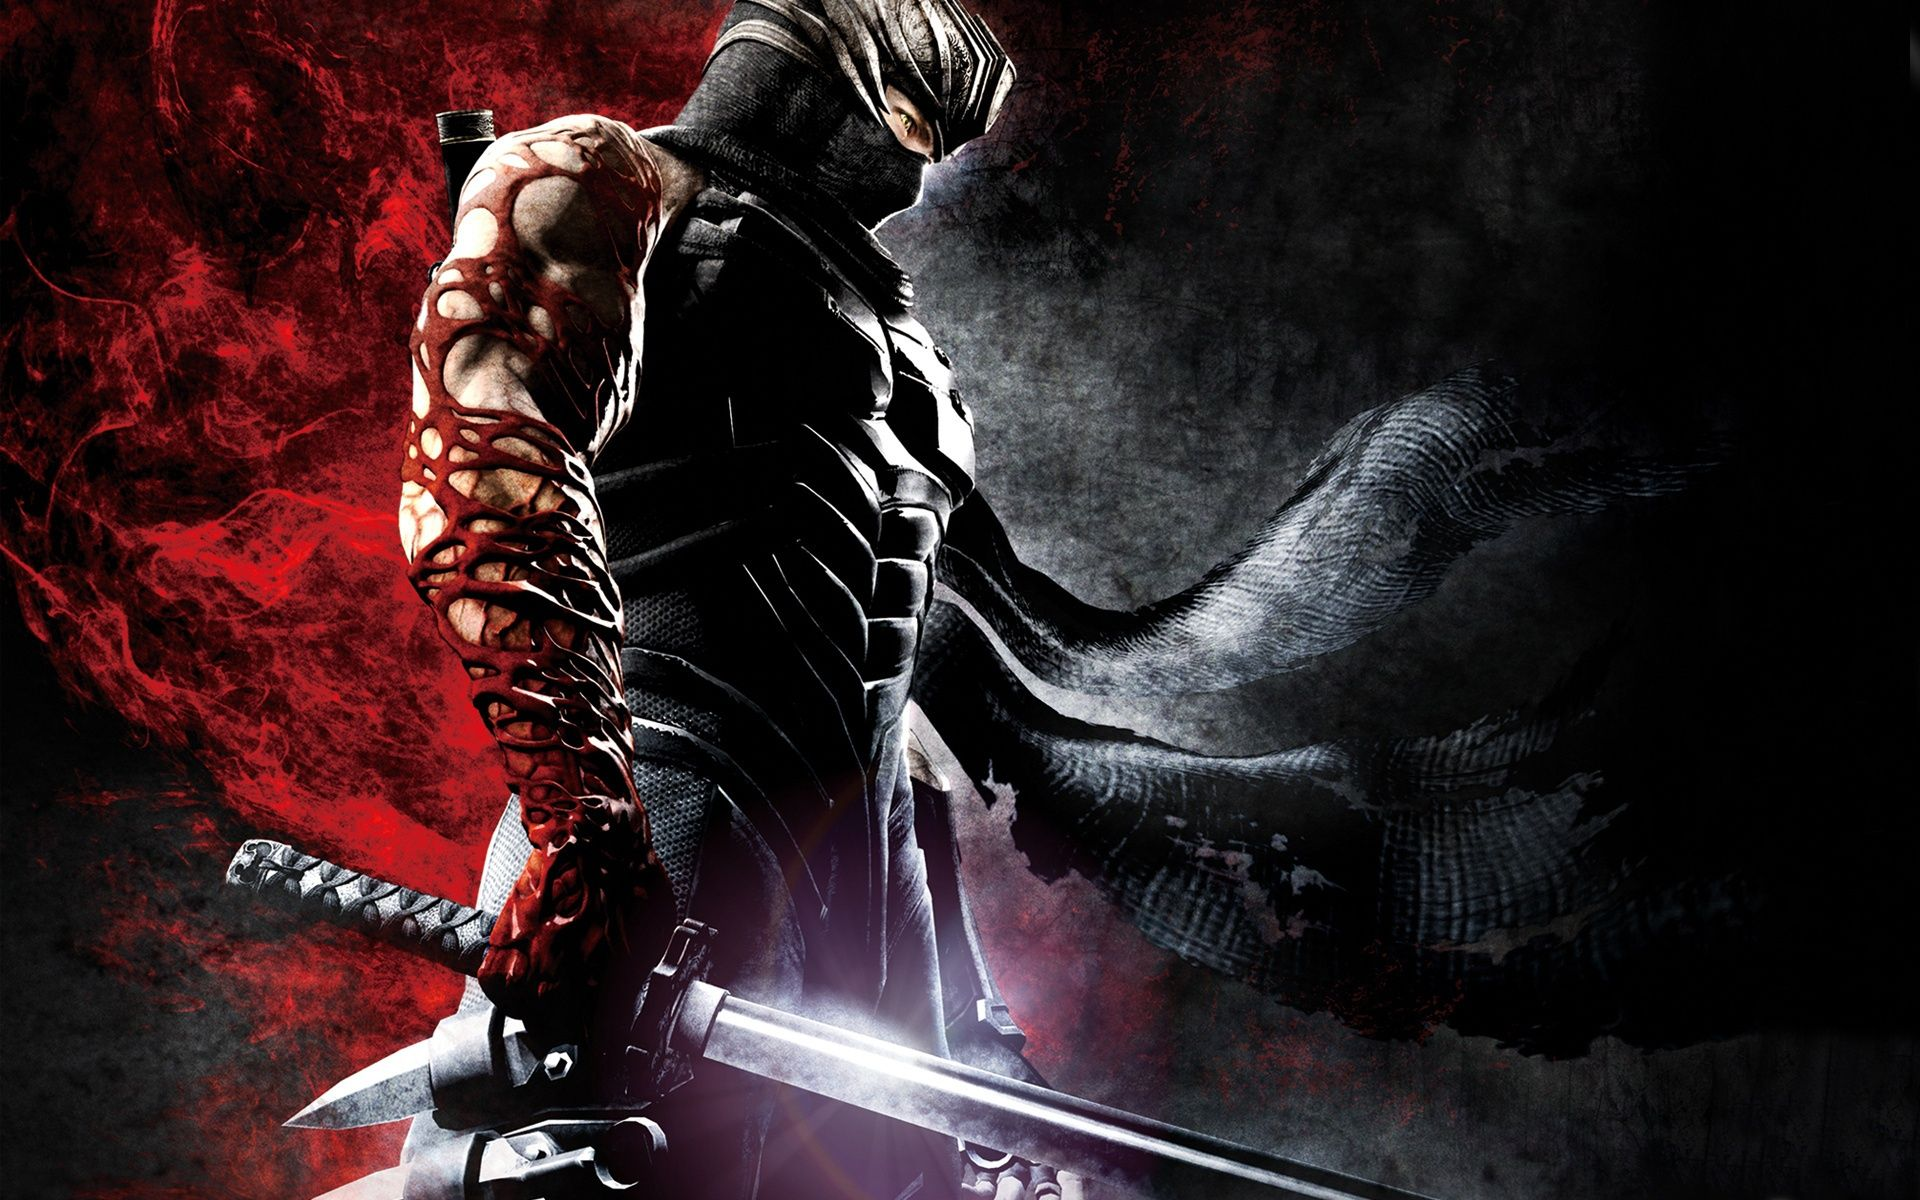 Ryu Hayabusa Ninja Wallpaper Ninja Gaiden Hd Cool Wallpapers